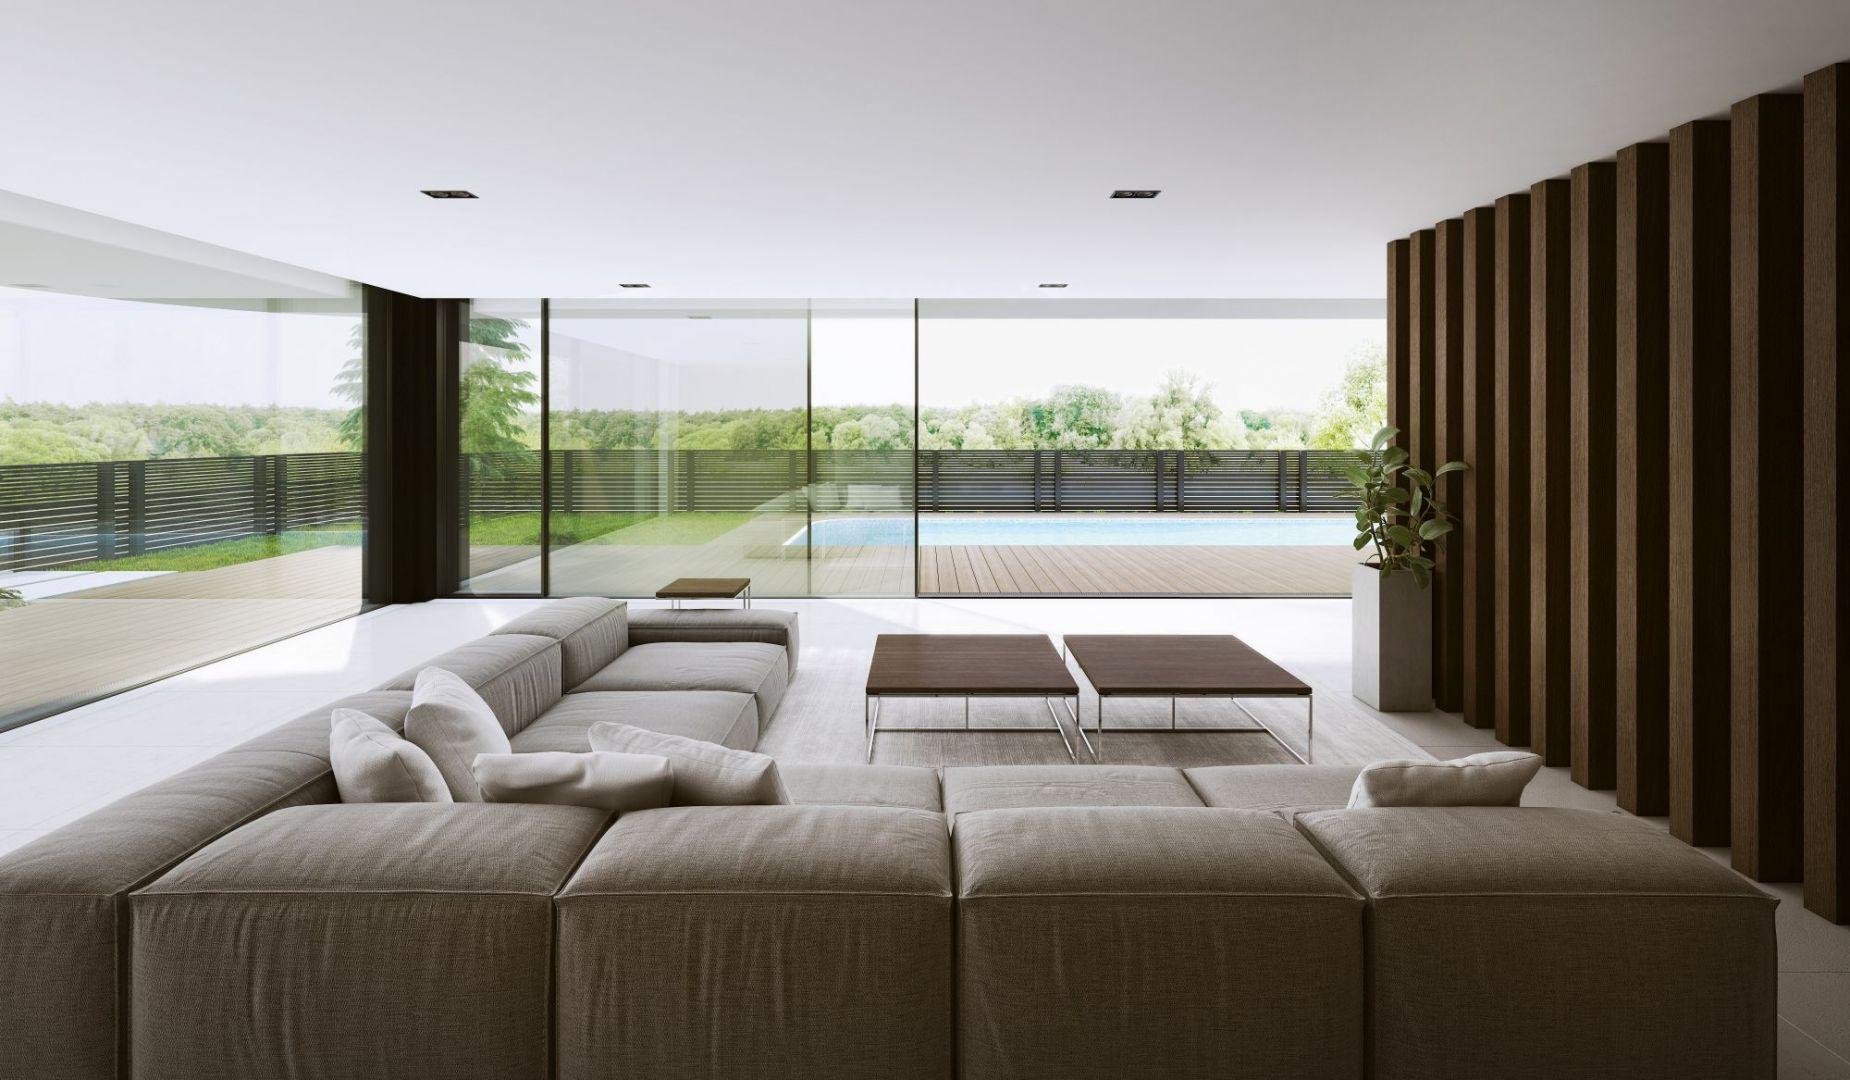 Ekspozycja salonu na przydomowy ogród za pomocą panoramicznych przeszkleń zapewni nieskrępowany dostęp do widoków na zewnątrz, relaks  oraz rozświetli wnętrze i nada bryle nowoczesnego, oryginalnego charakteru Fot. Aluprof